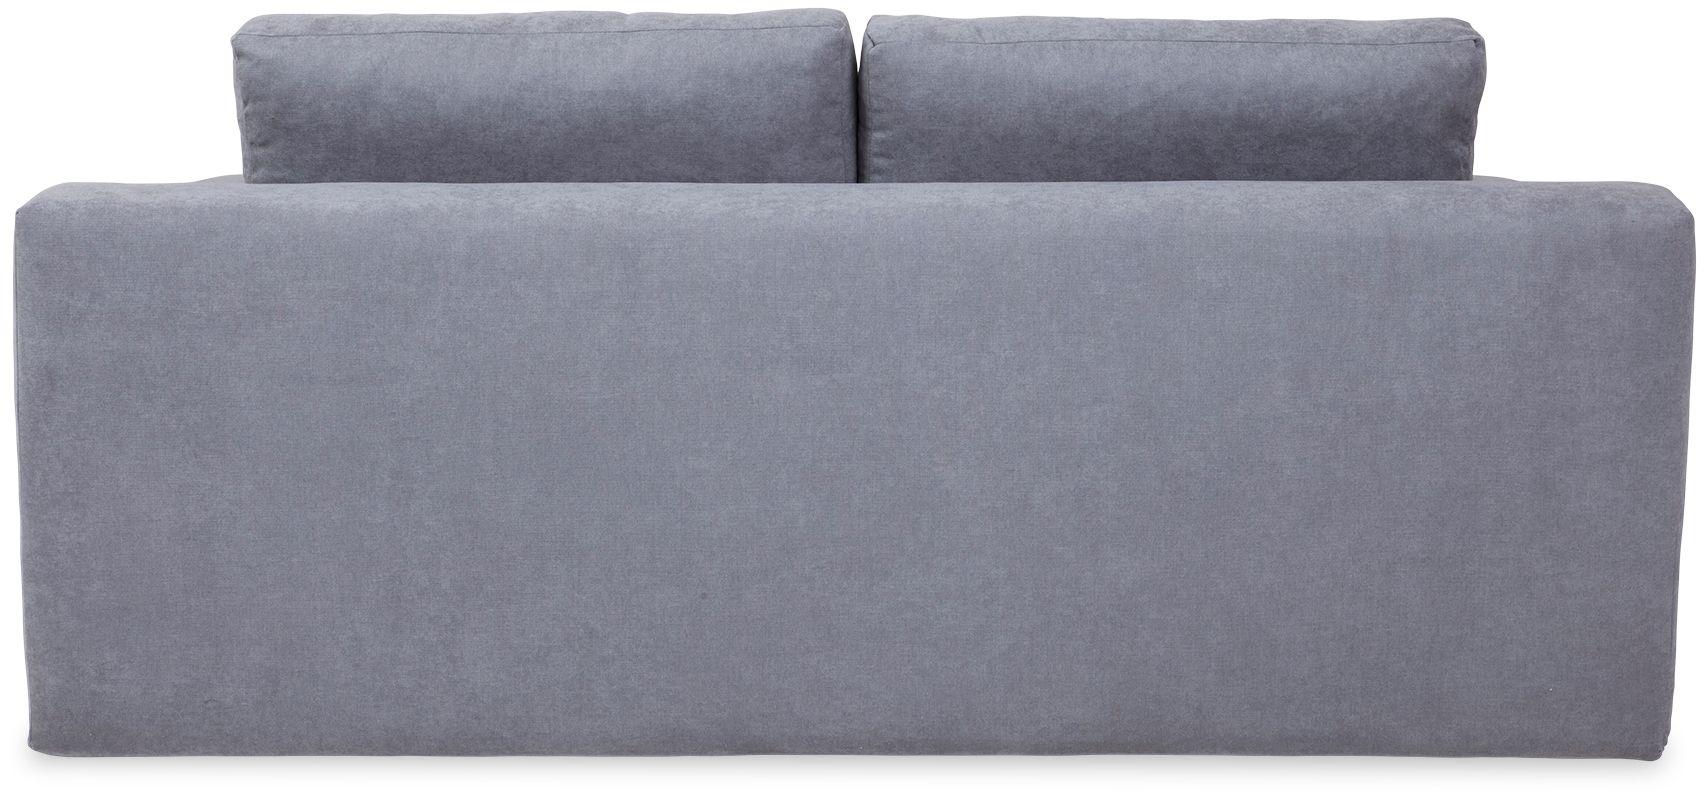 sofa imperia 7